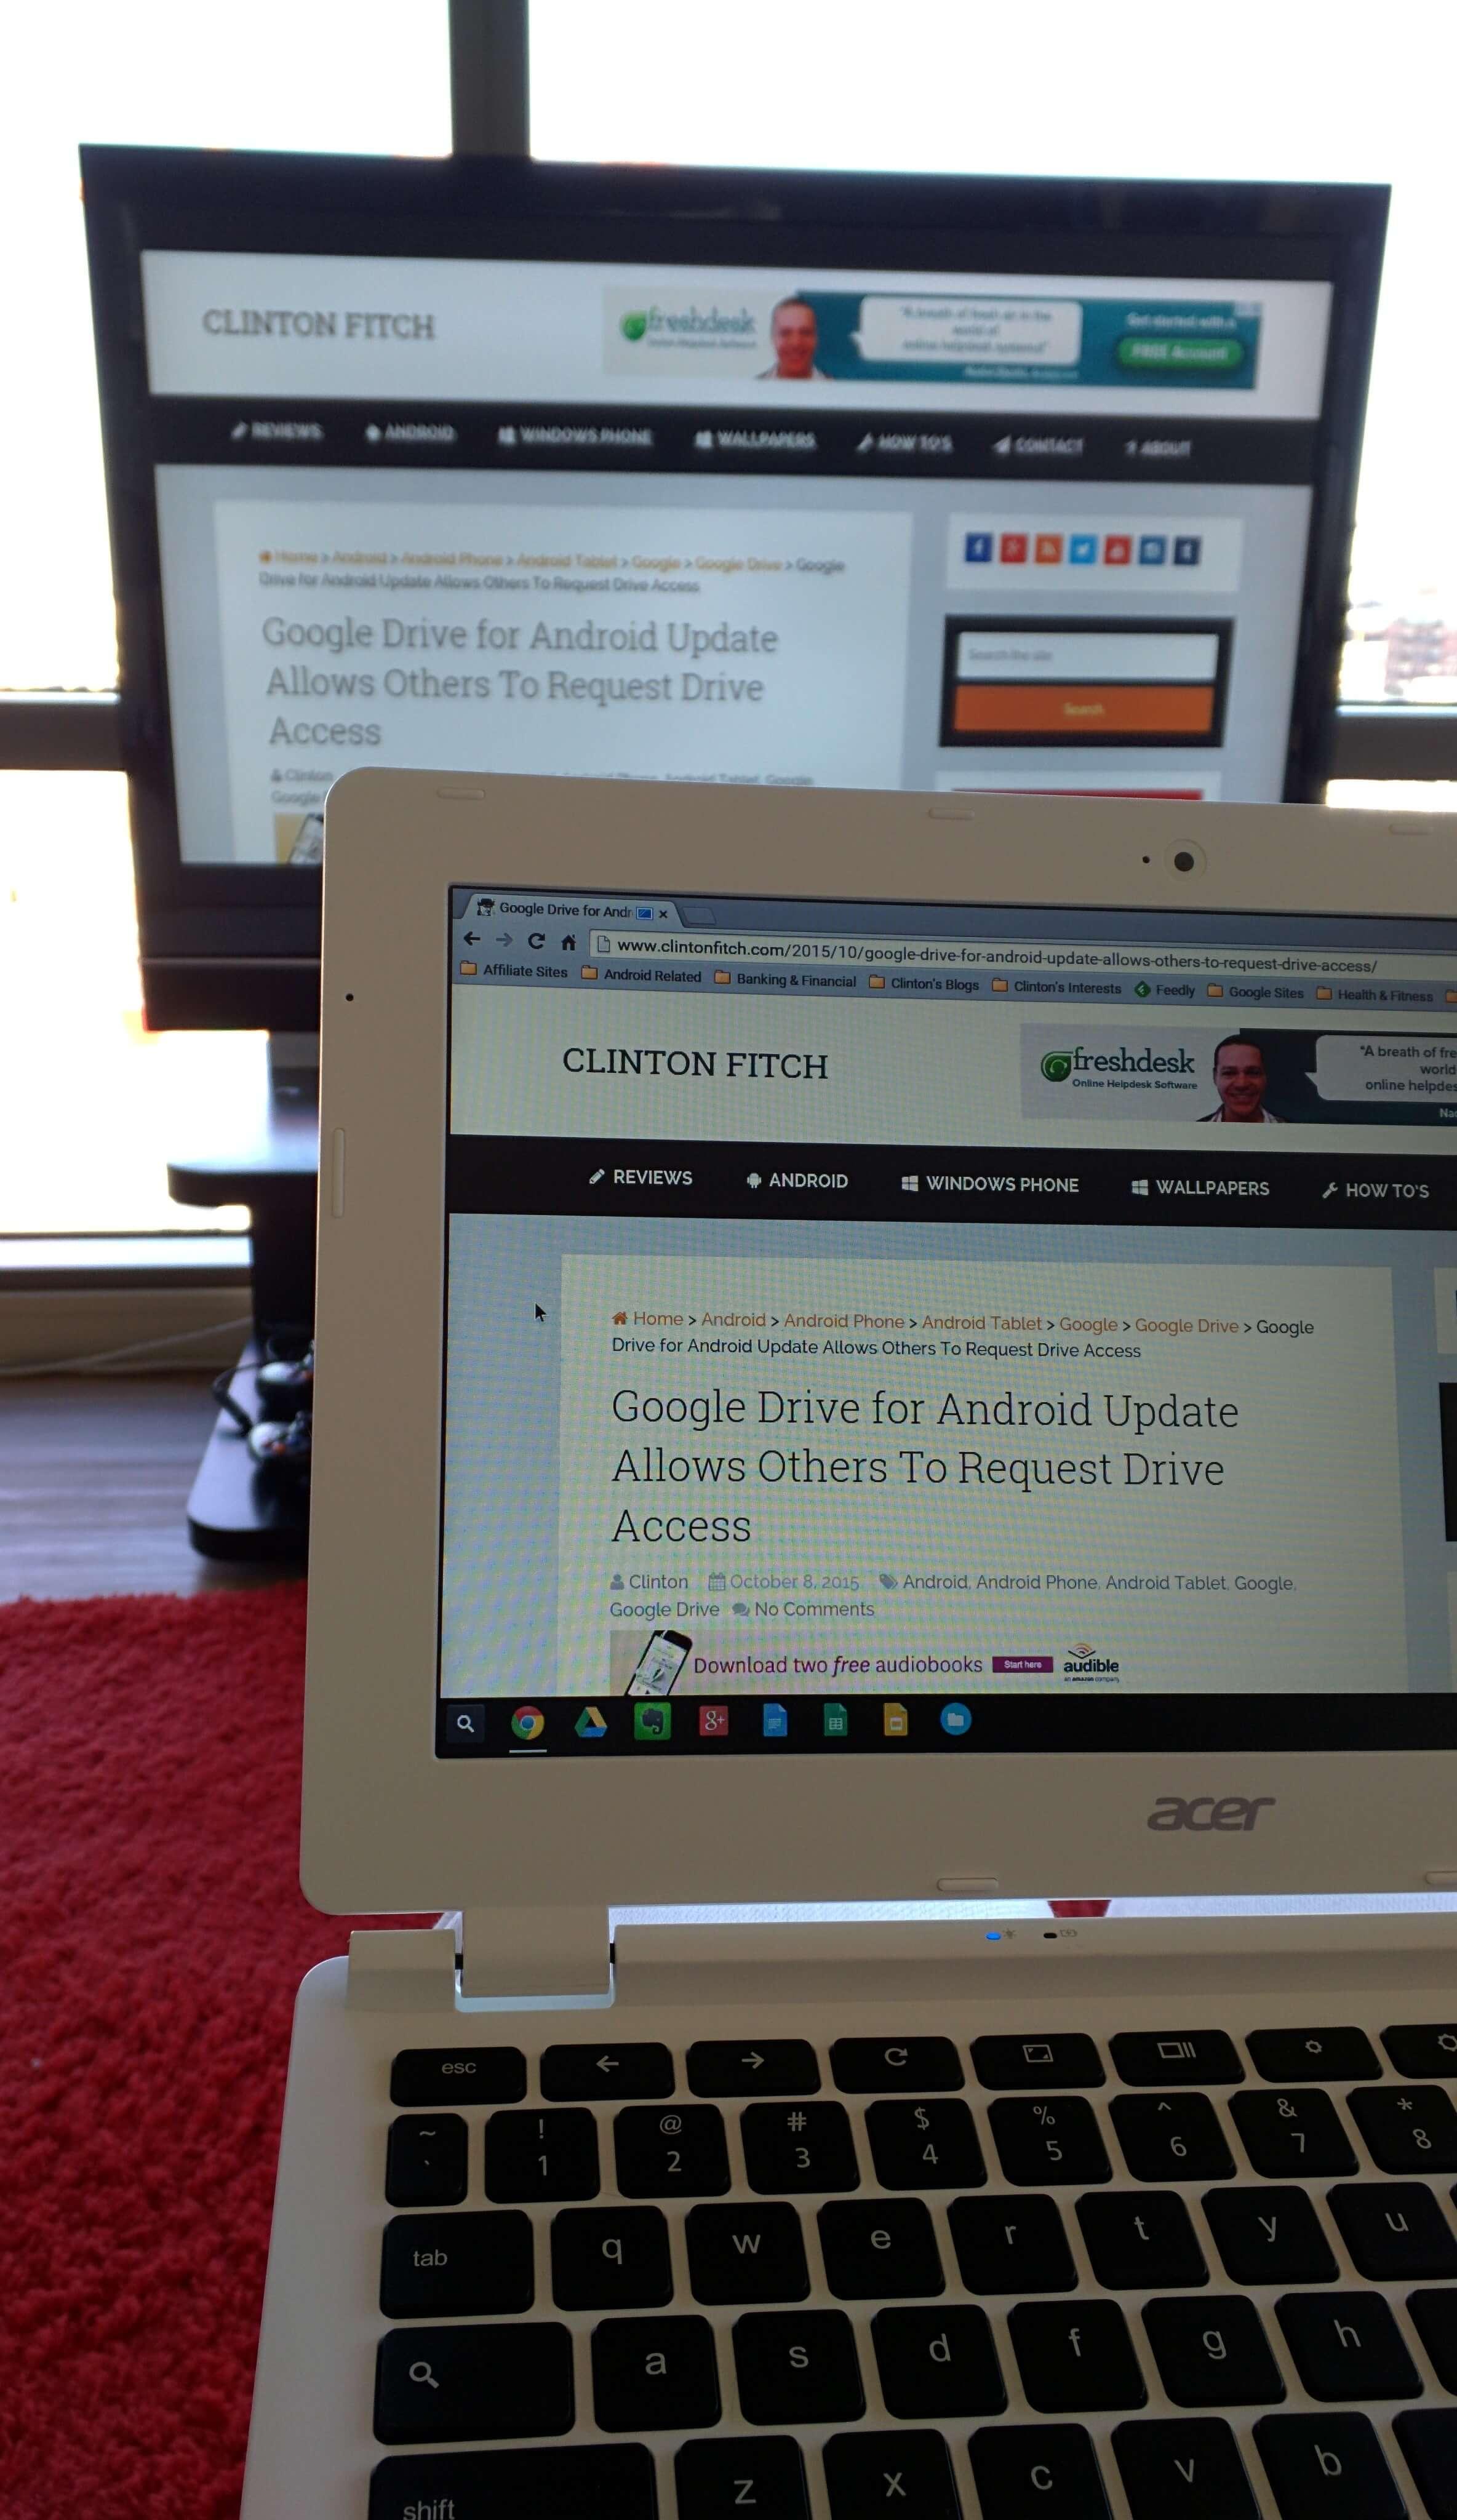 Chromebook Casting to Chromecast